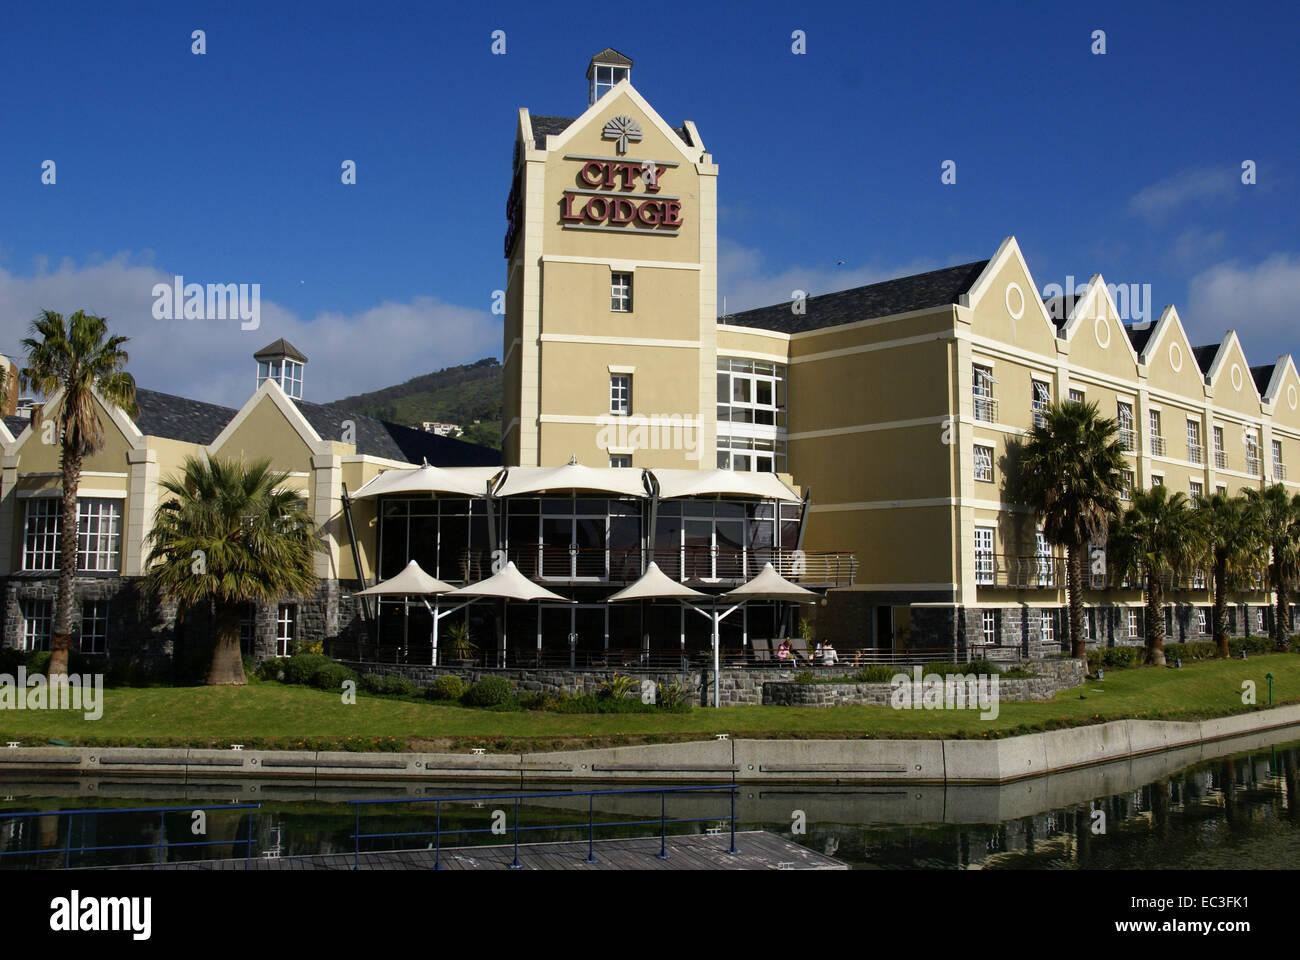 Hotel in Kapstadt, Südafrika - Stock Image